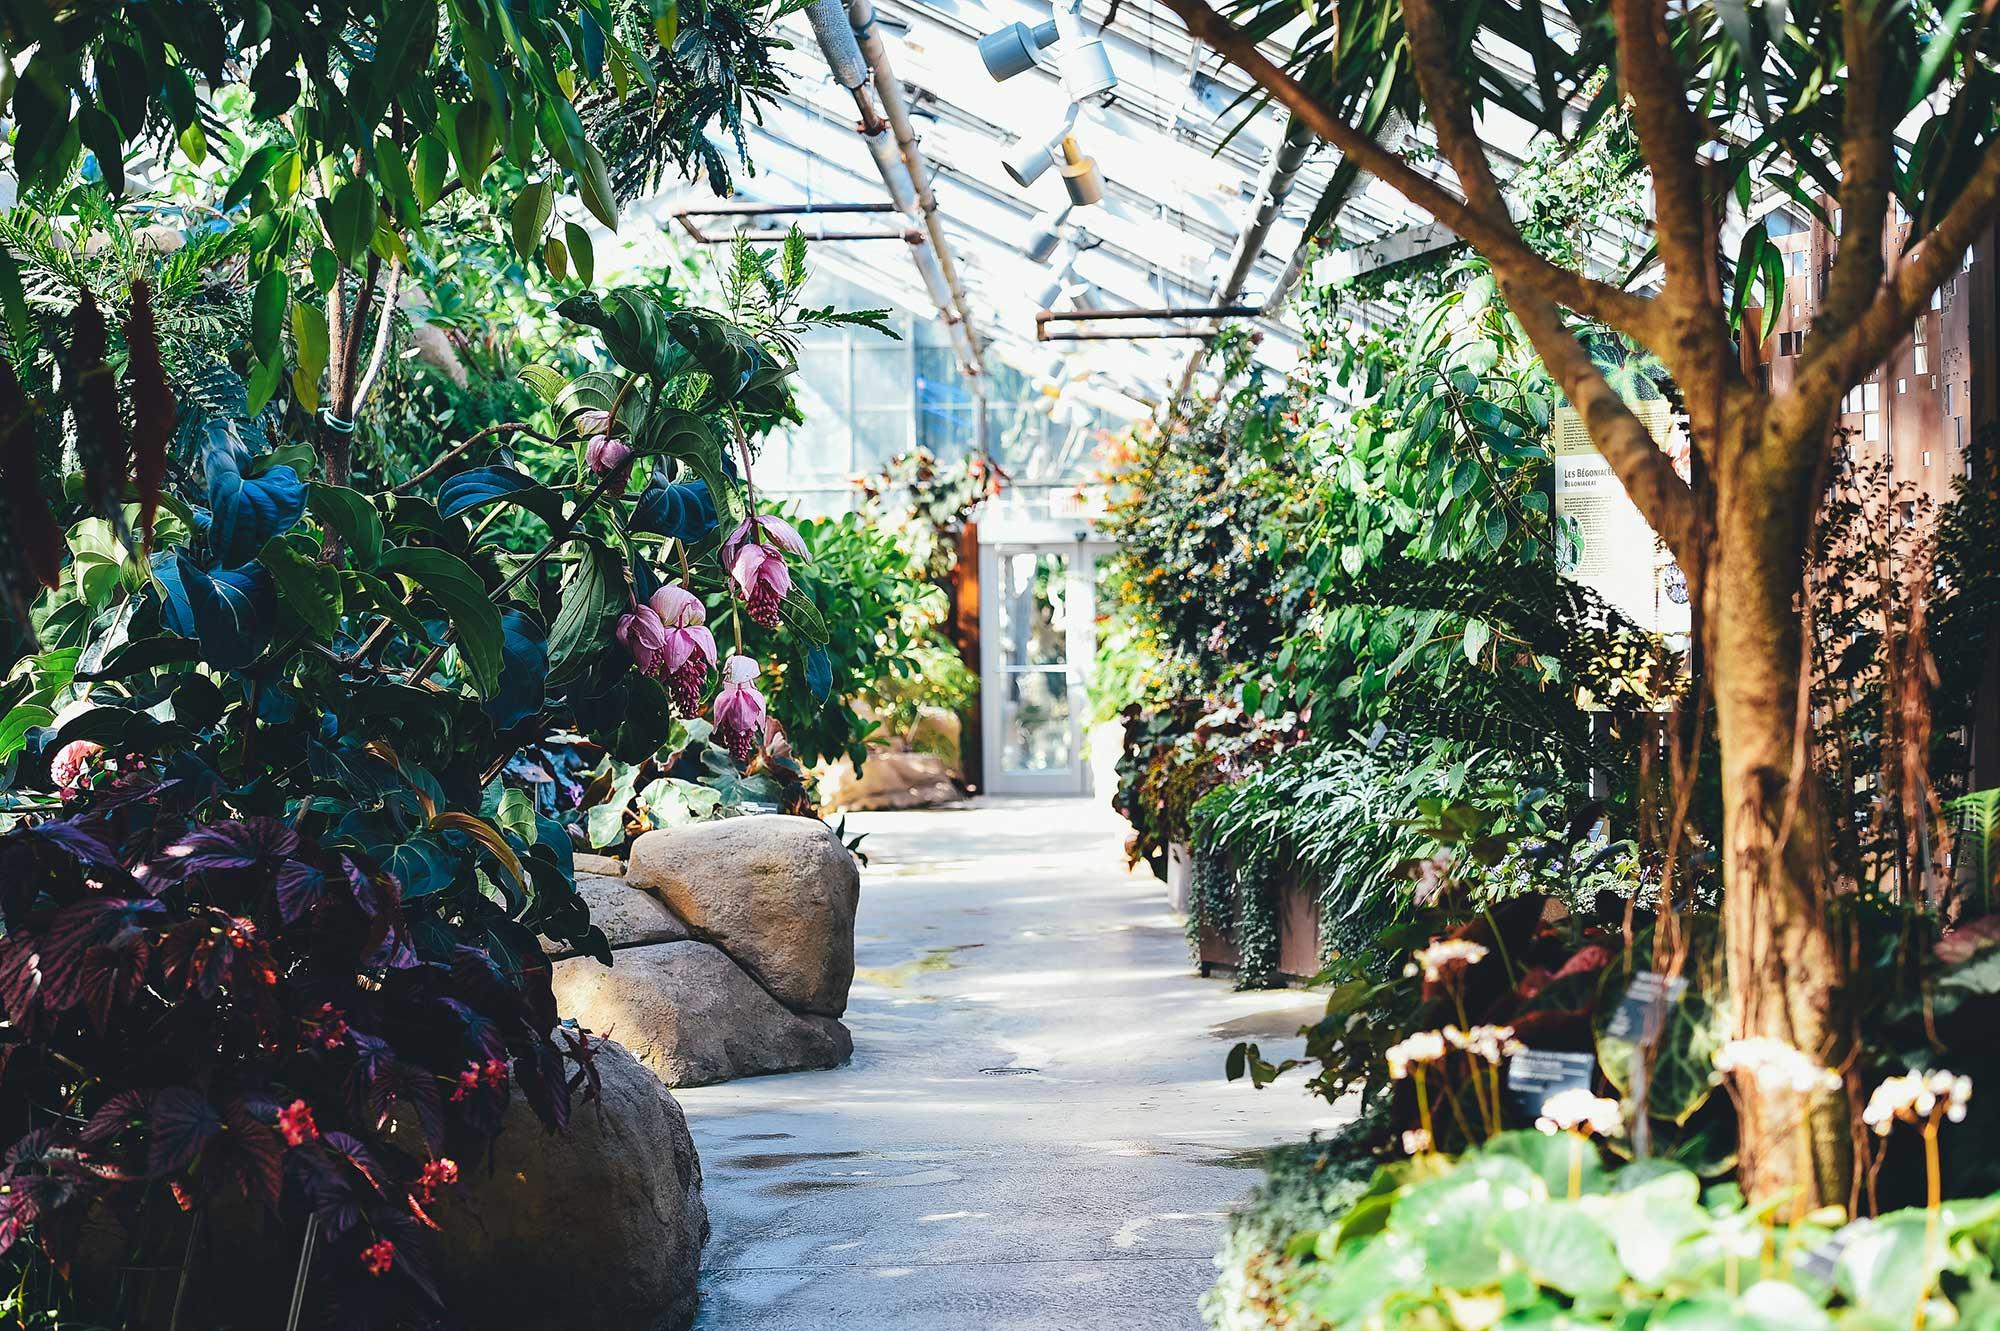 Održavanje okućnica i vrtova